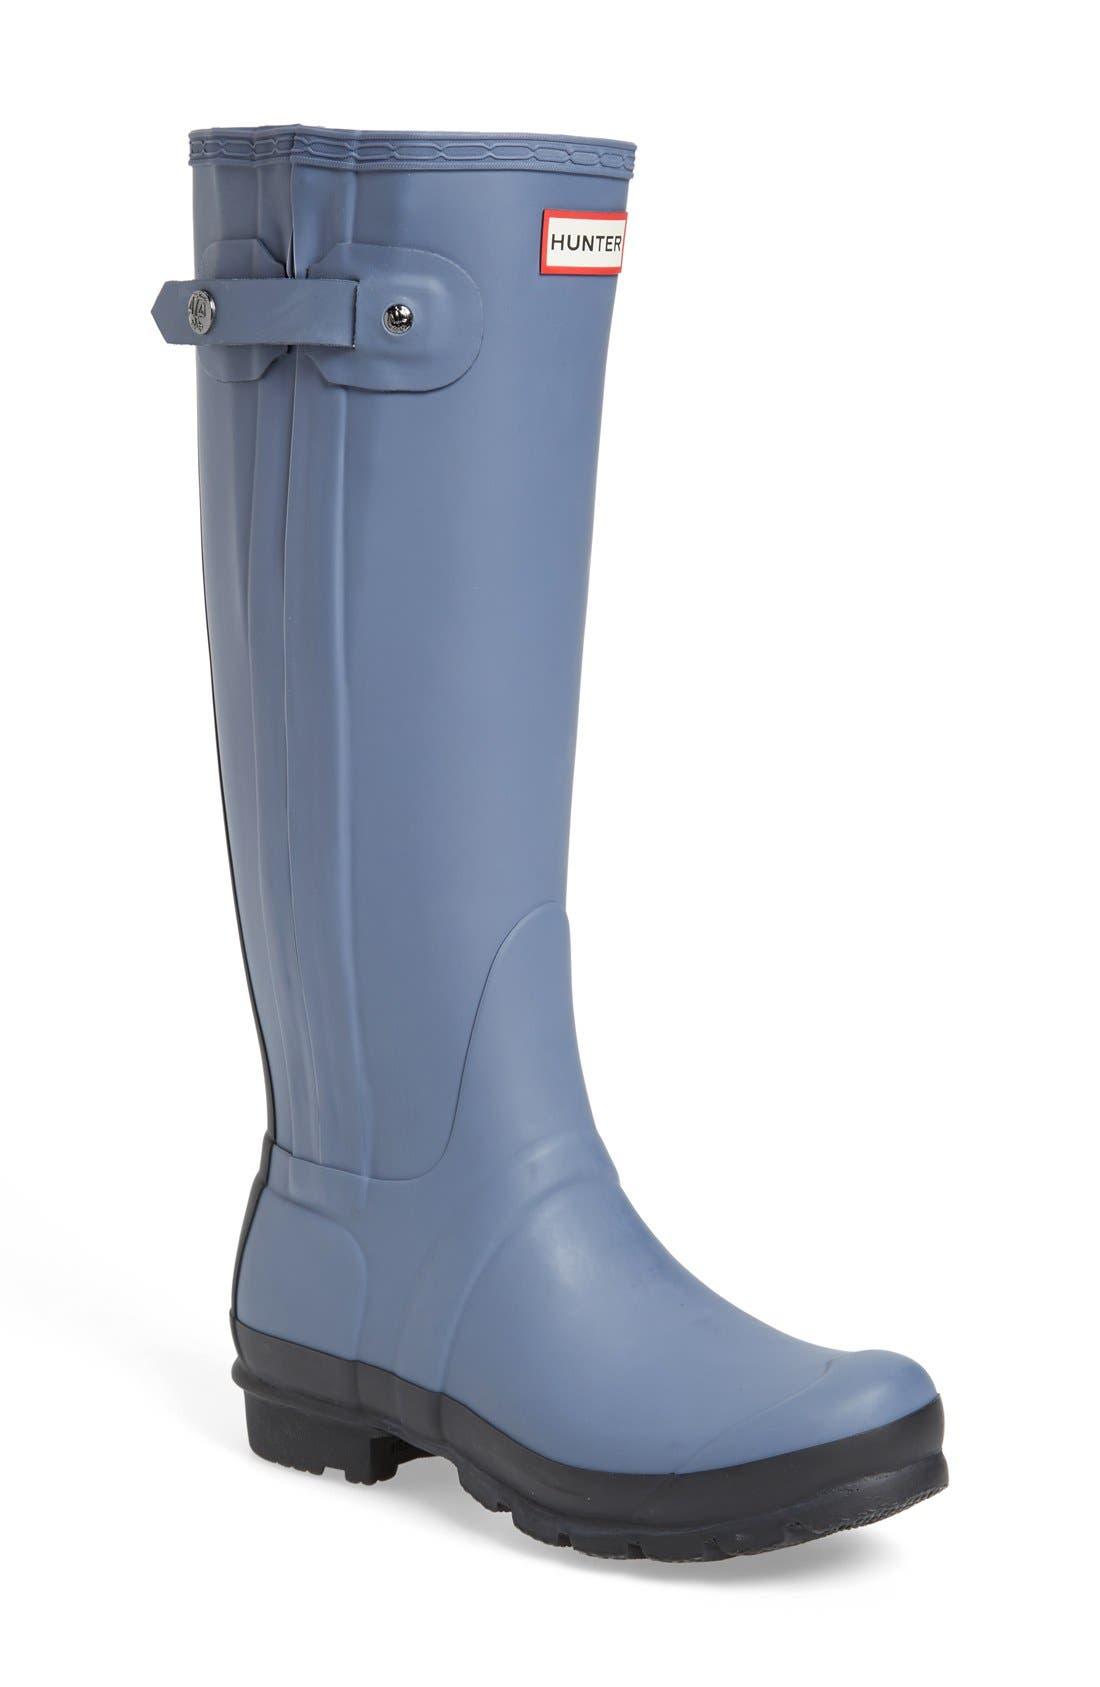 Alternate Image 1 Selected - Hunter 'Original Slim' Two-Tone Rubber Rain Boot (Women)